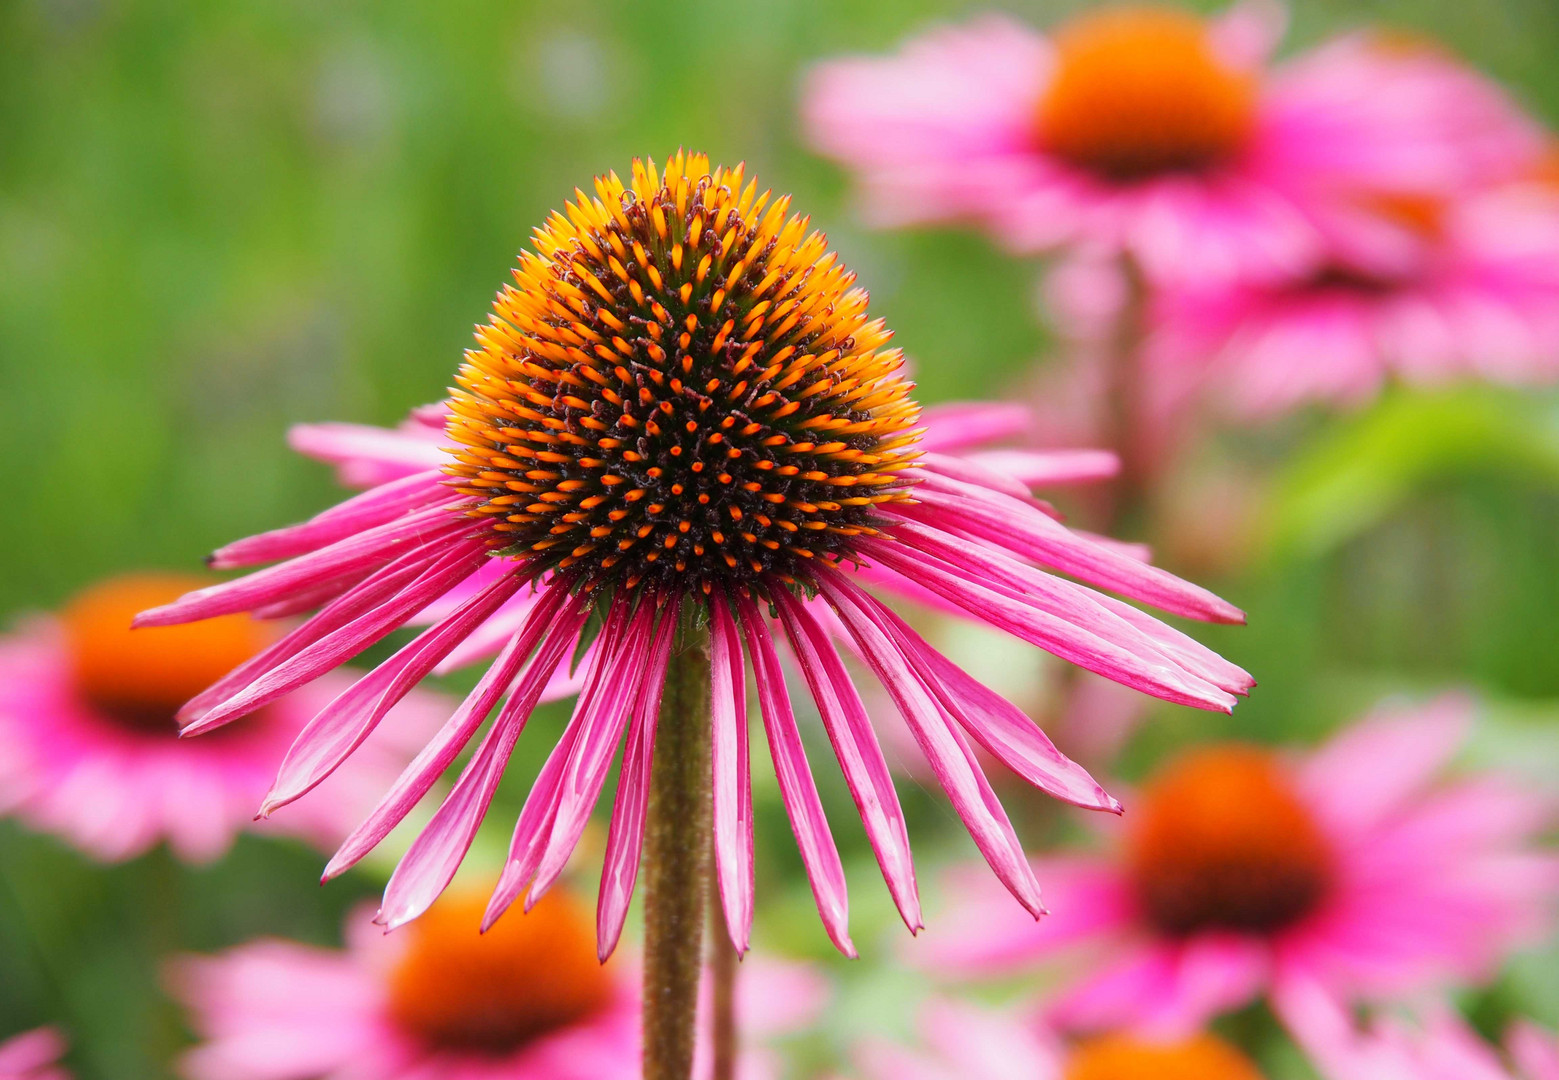 zum Wochenende eine Blume...